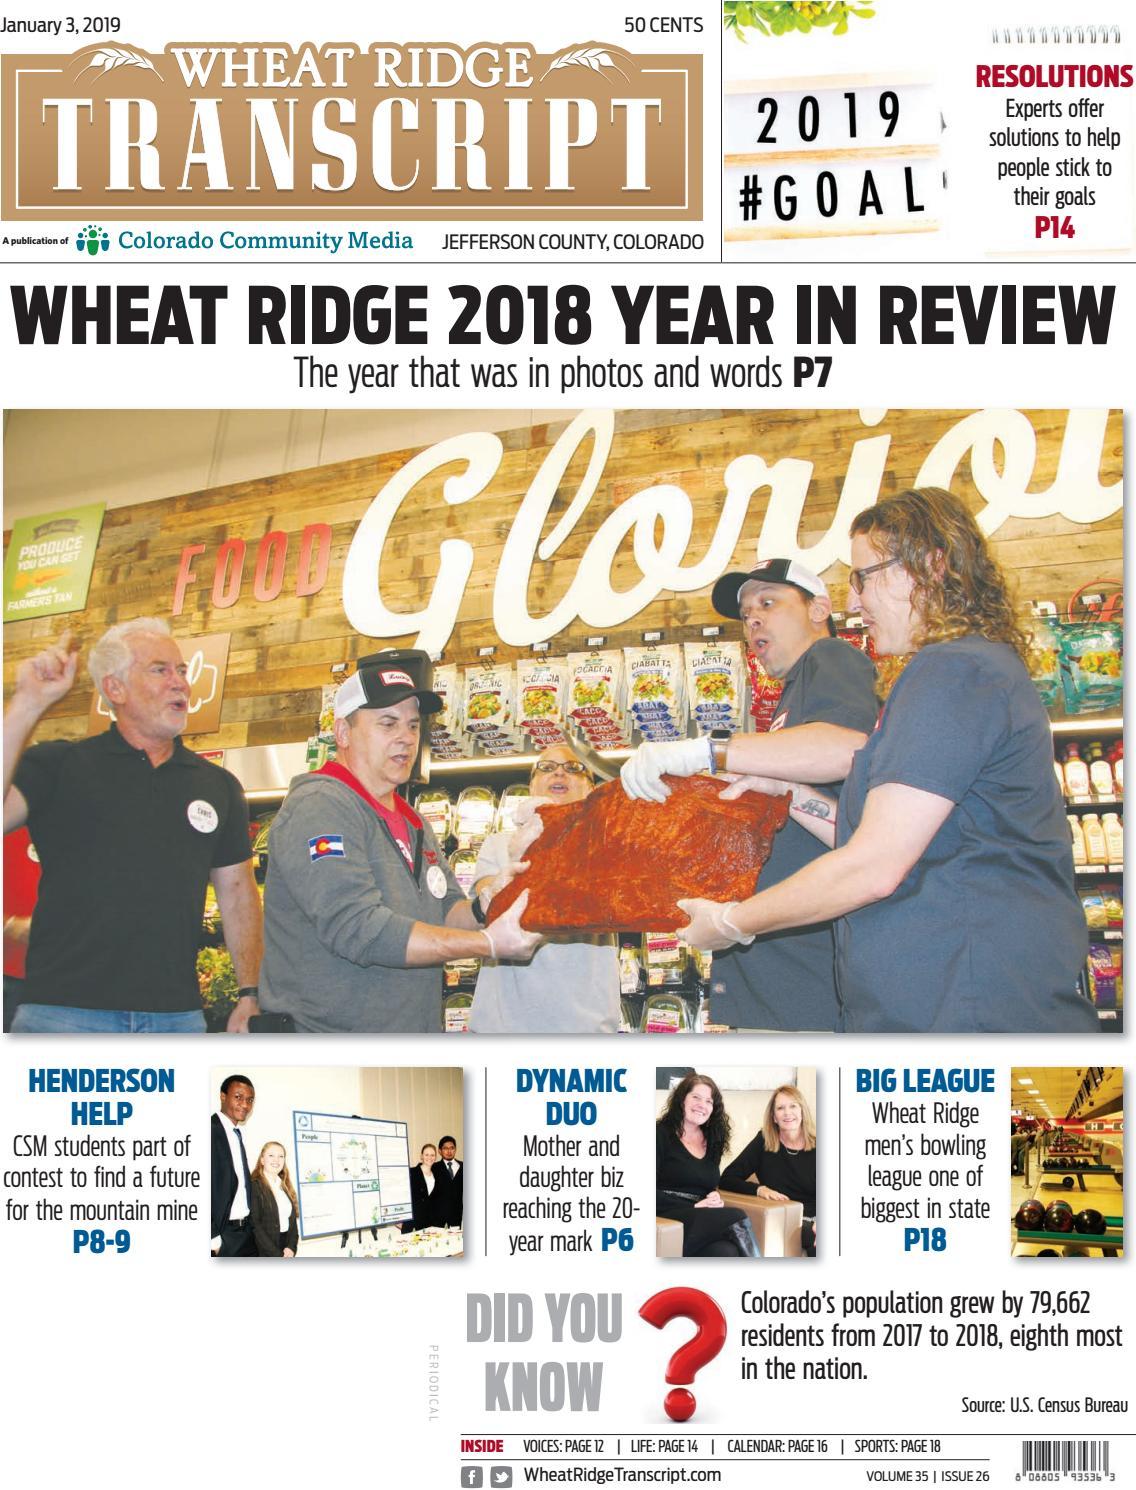 b5a1acb0155 Wheat Ridge Transcript 0103 by Colorado Community Media - issuu